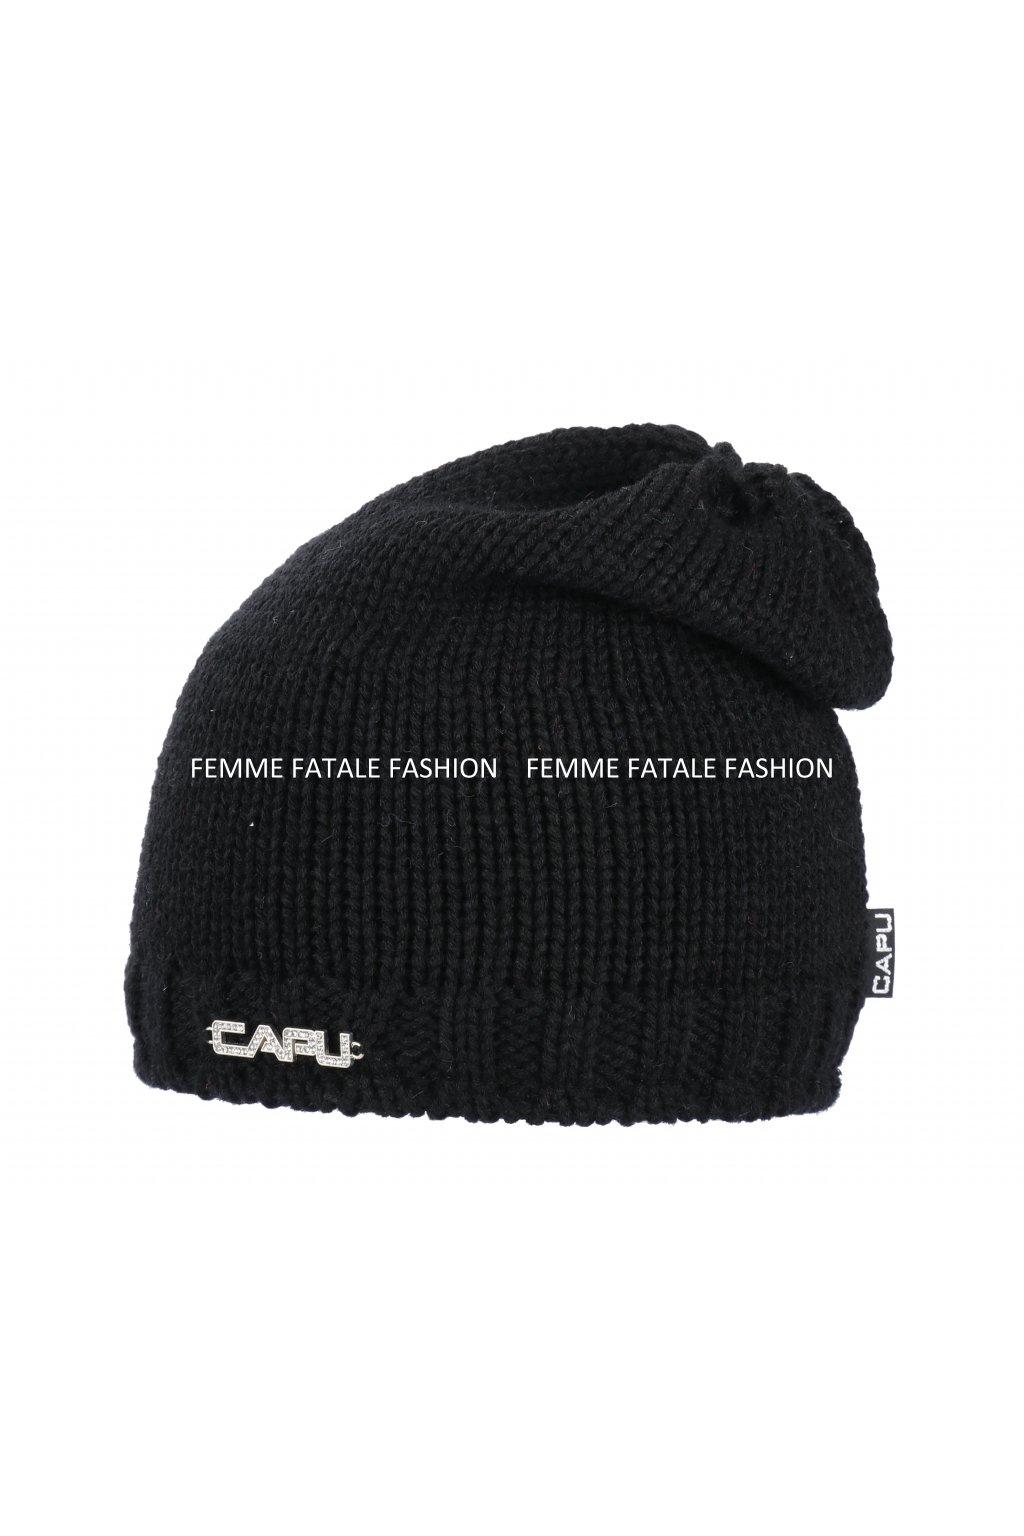 D8mská zimní čepice CAPU 429 femmefatalefashion (6)